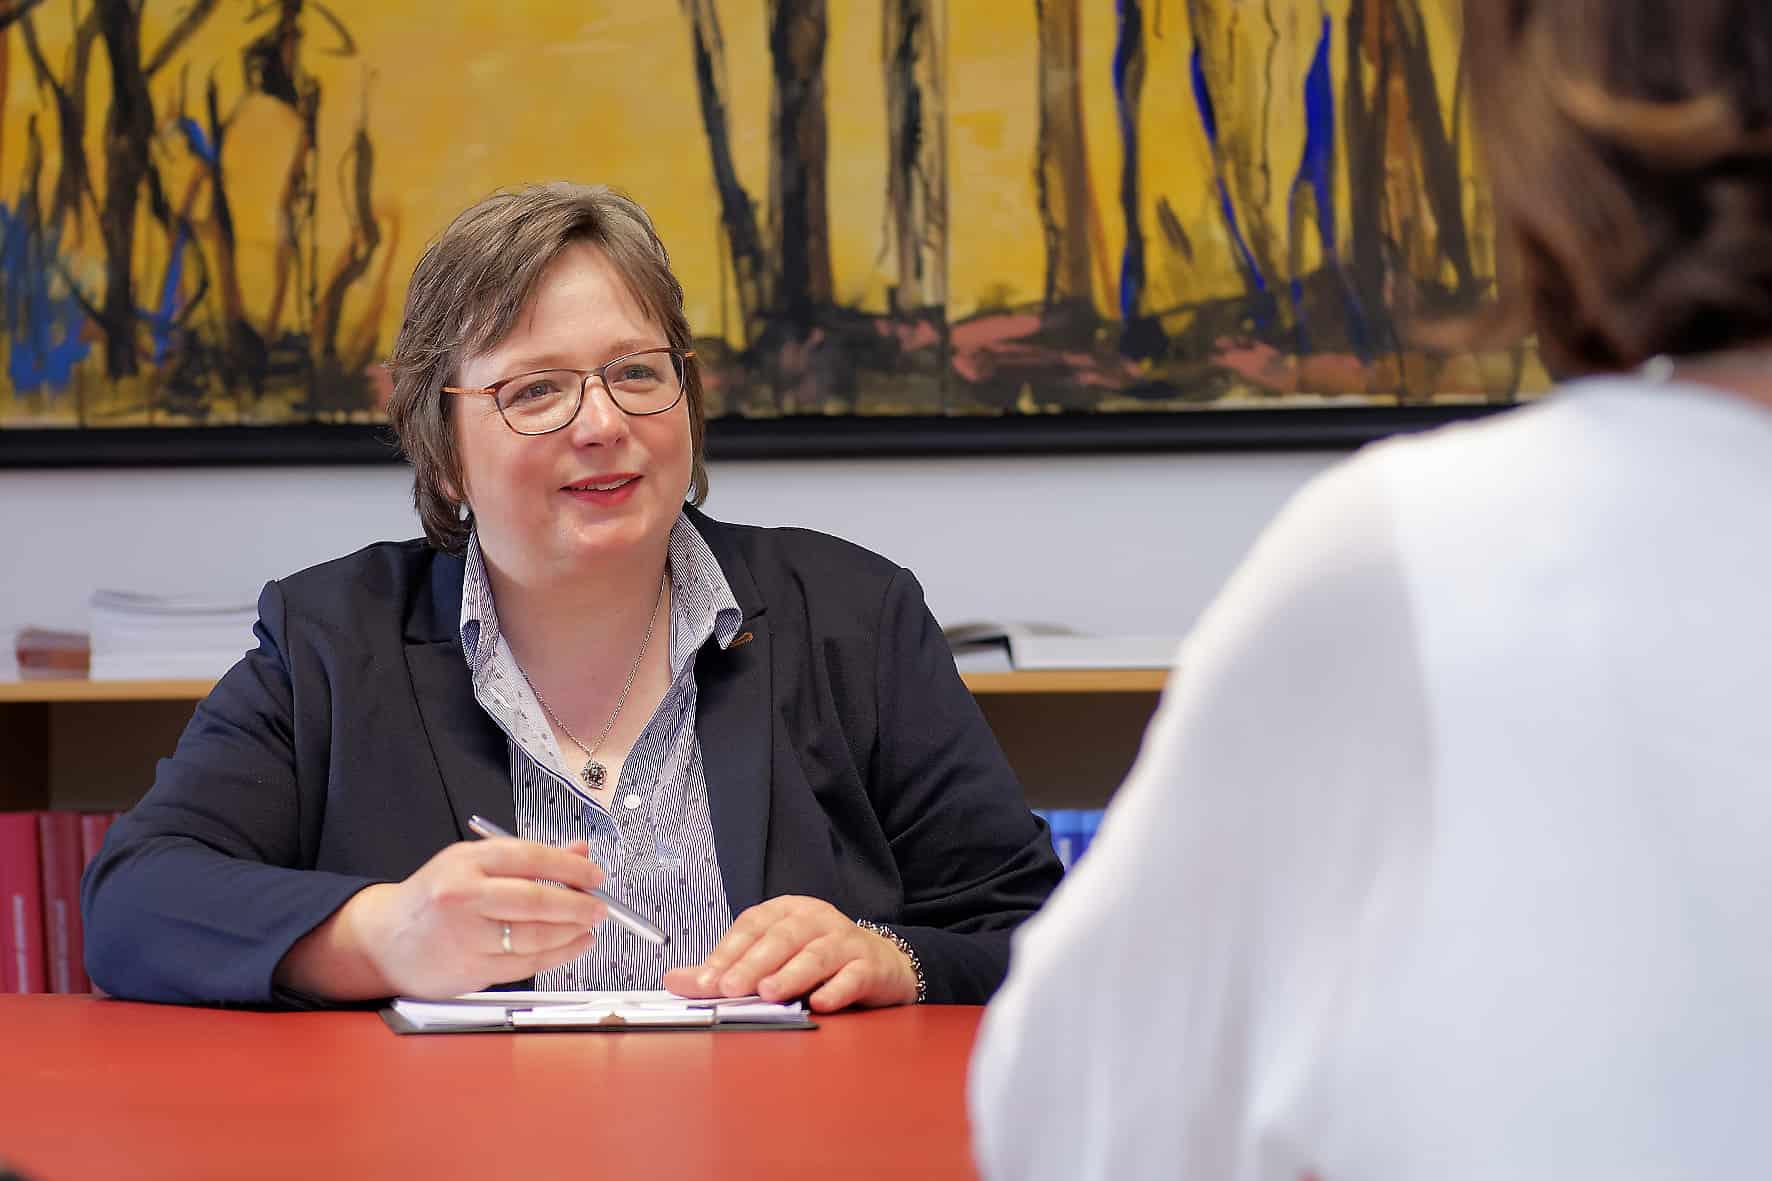 Rechtsanwältin und Notarin Silvia C. Groppler ist Fachanwältin für Familienrecht, Fachanwältin für Mietrecht und Wohneigentumsrecht, und berät in notariellen Angelegenheiten